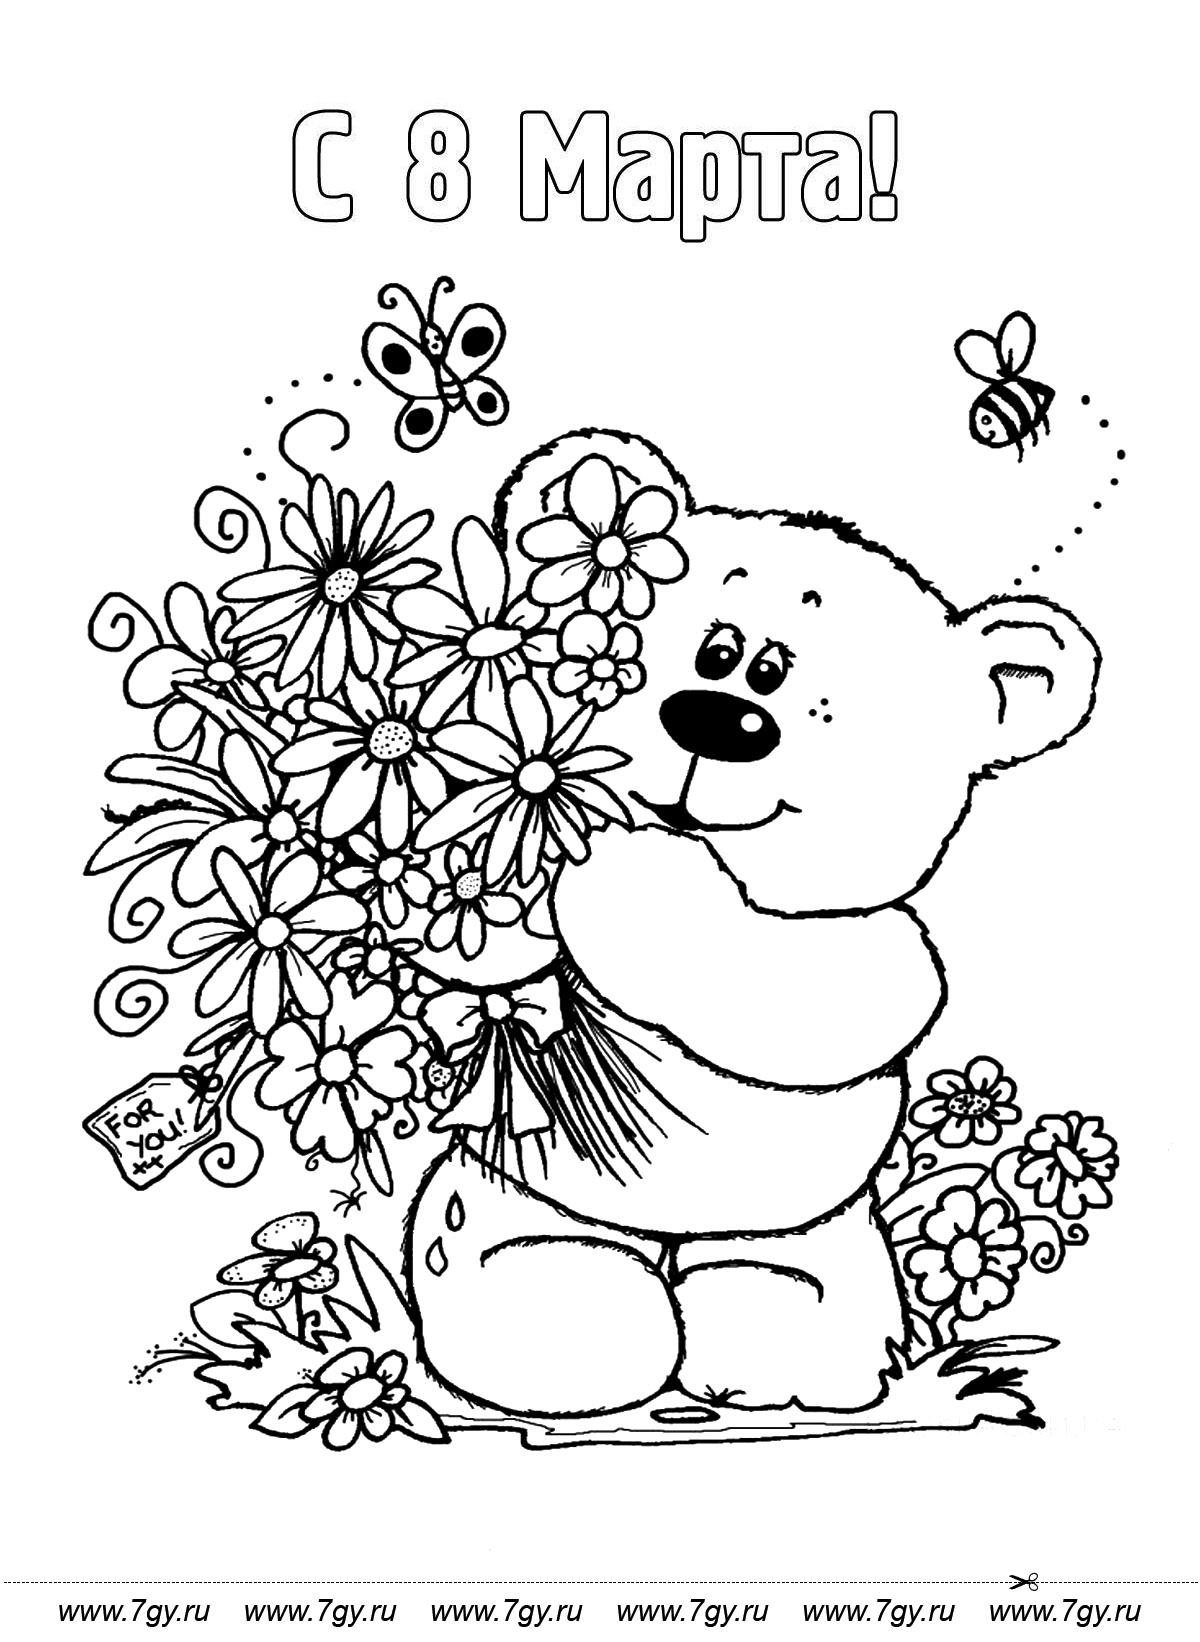 Открытки-раскраски к 8 марта для детей